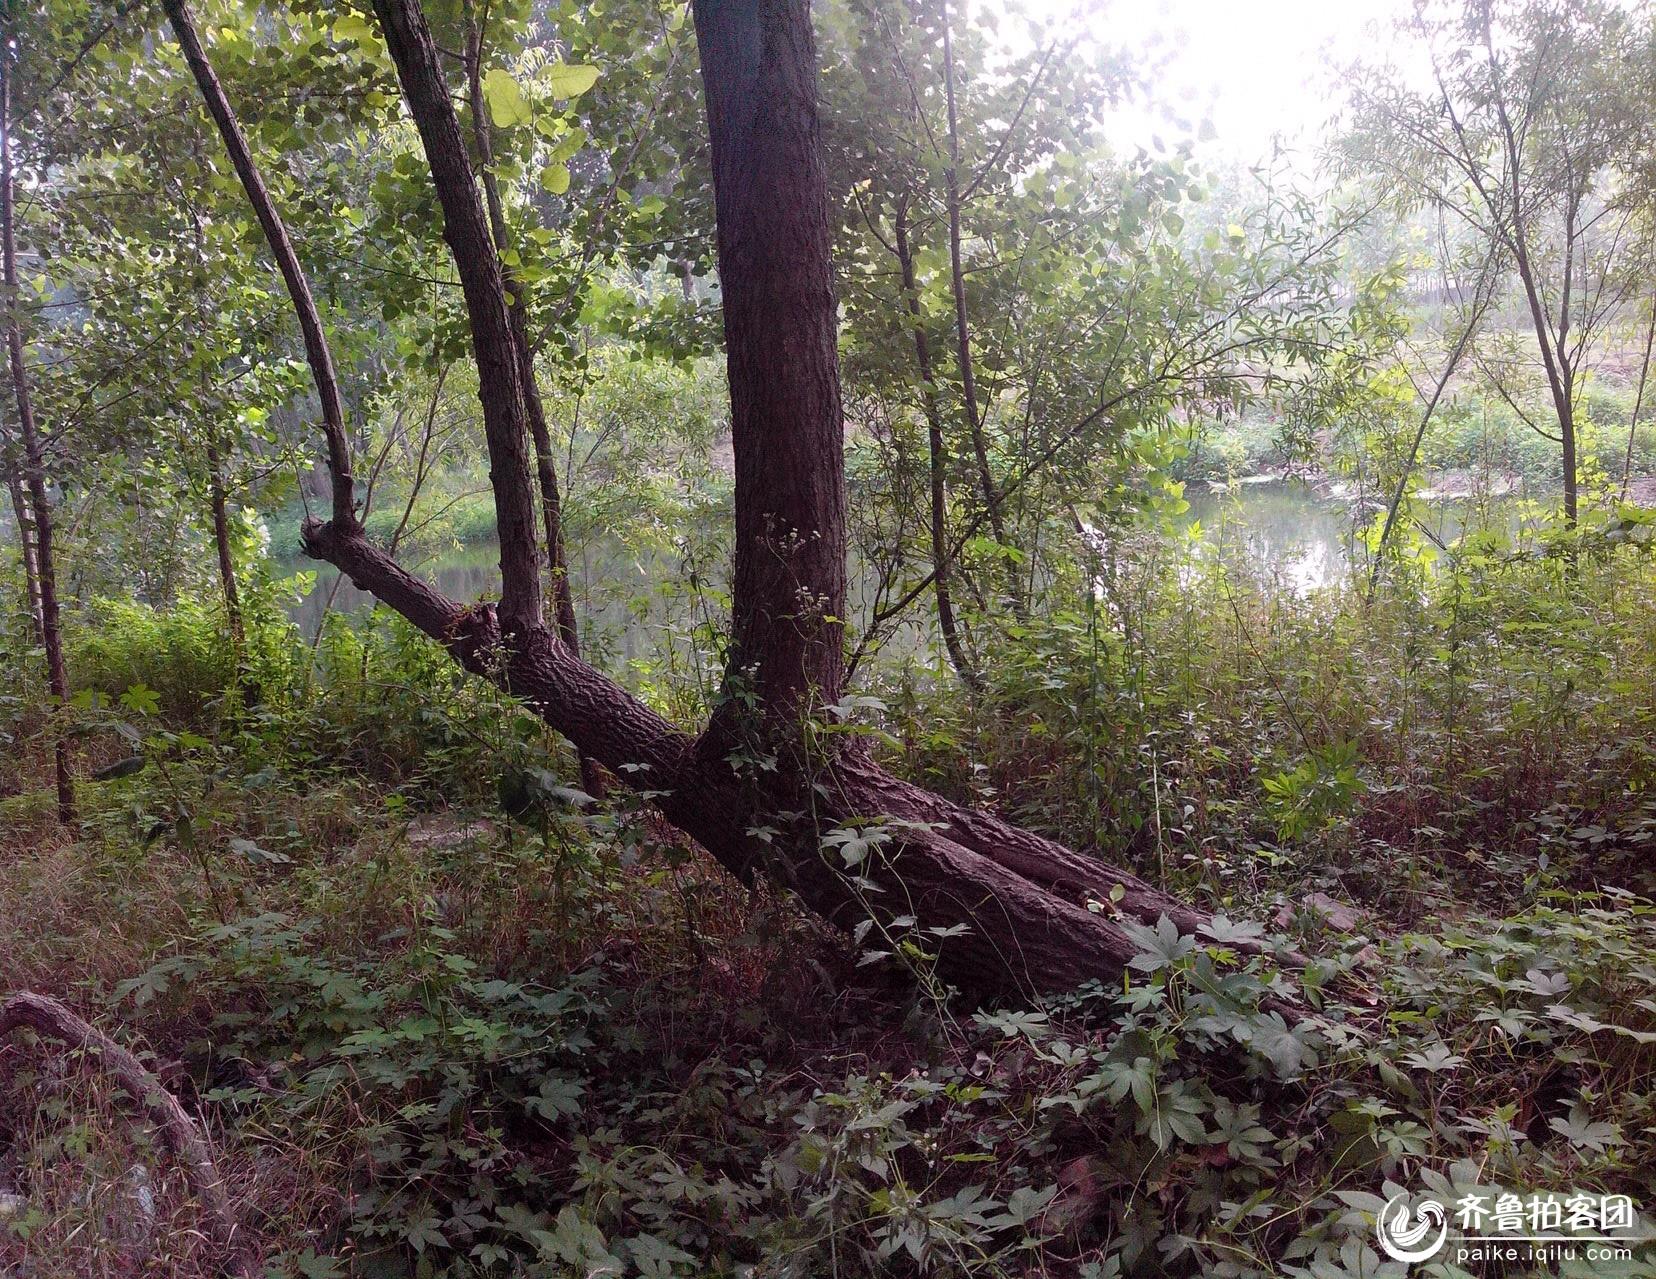 河边怪树 - 济宁拍客 - 齐鲁社区 - 山东最大的城市